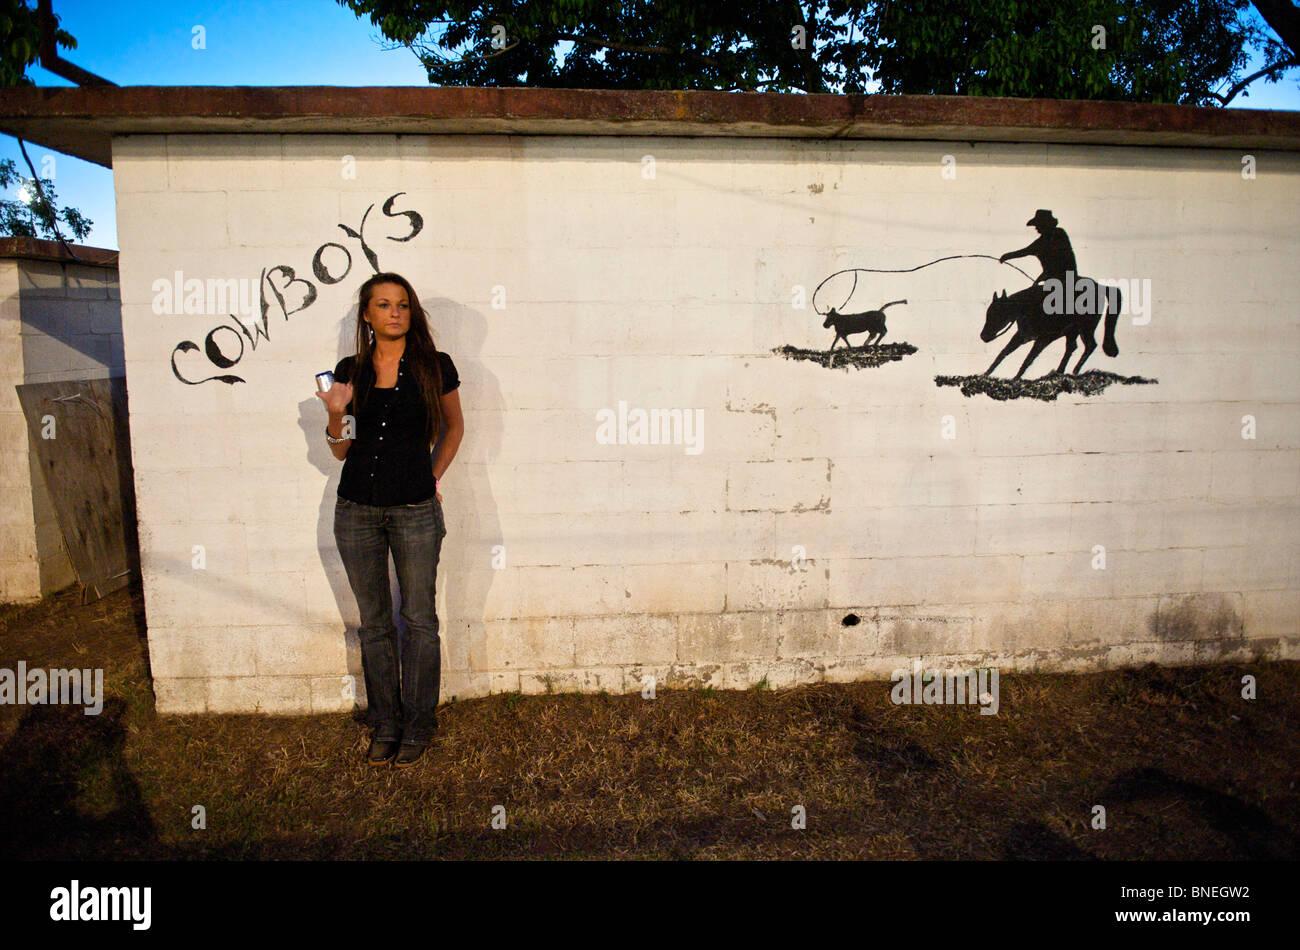 Femme debout en face des toilettes d'une petite ville PRCA Rodeo Bridgeport, Texas, États-Unis Banque D'Images